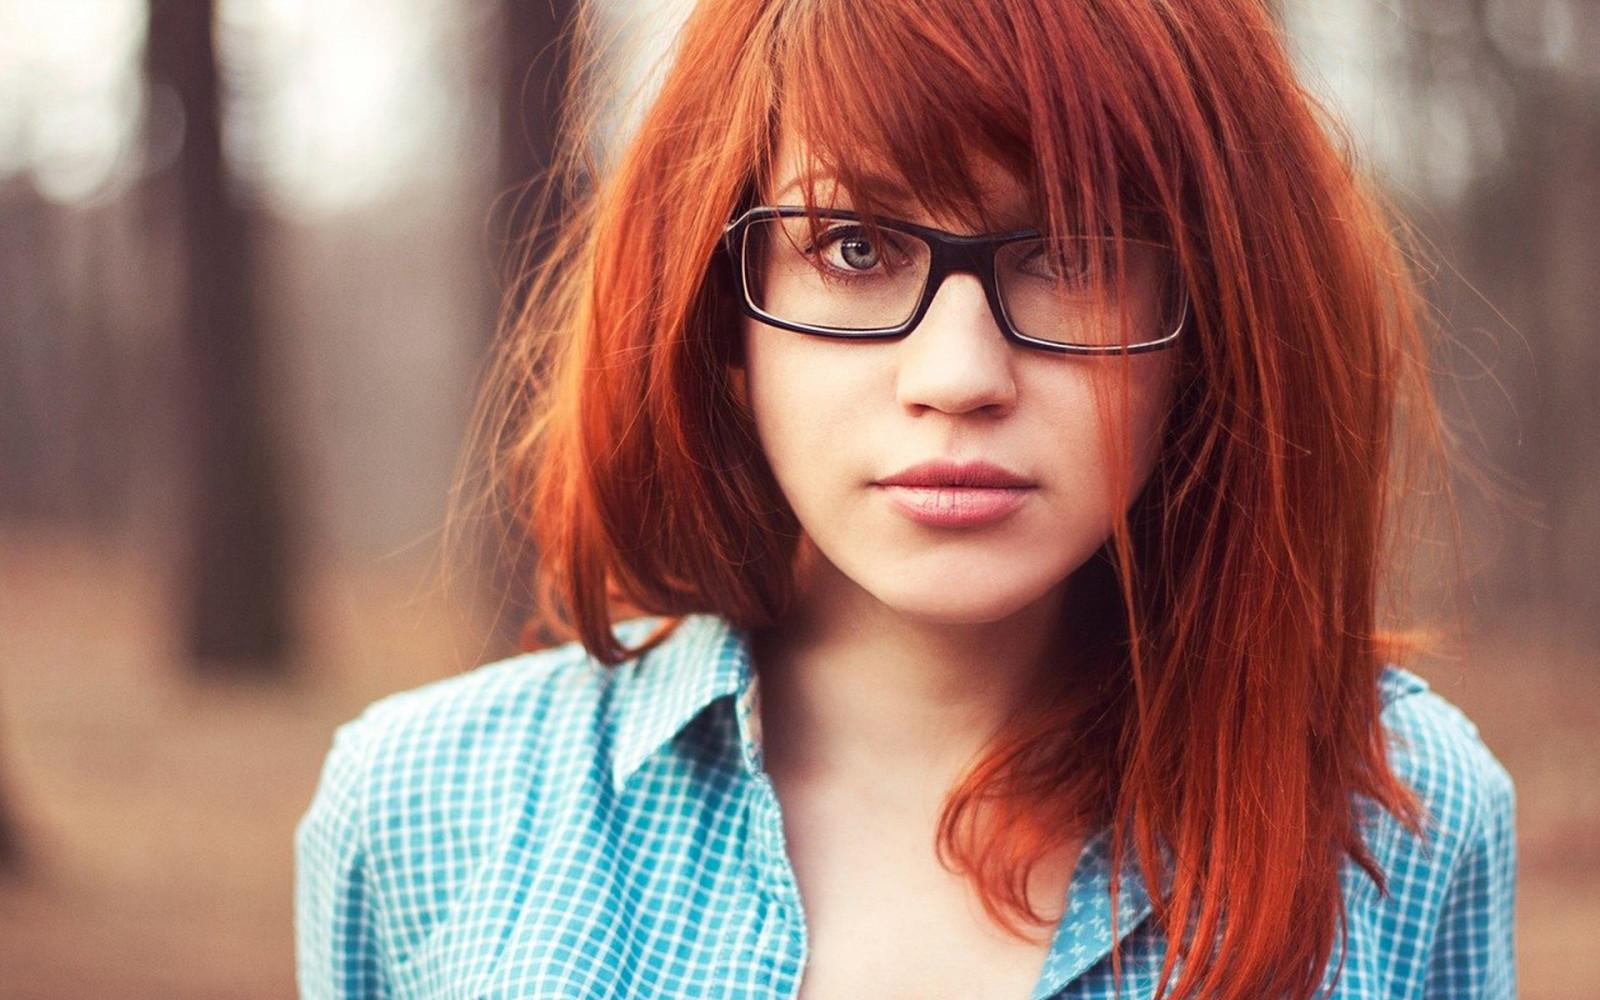 Фото девушки с рыжими волосами в очках